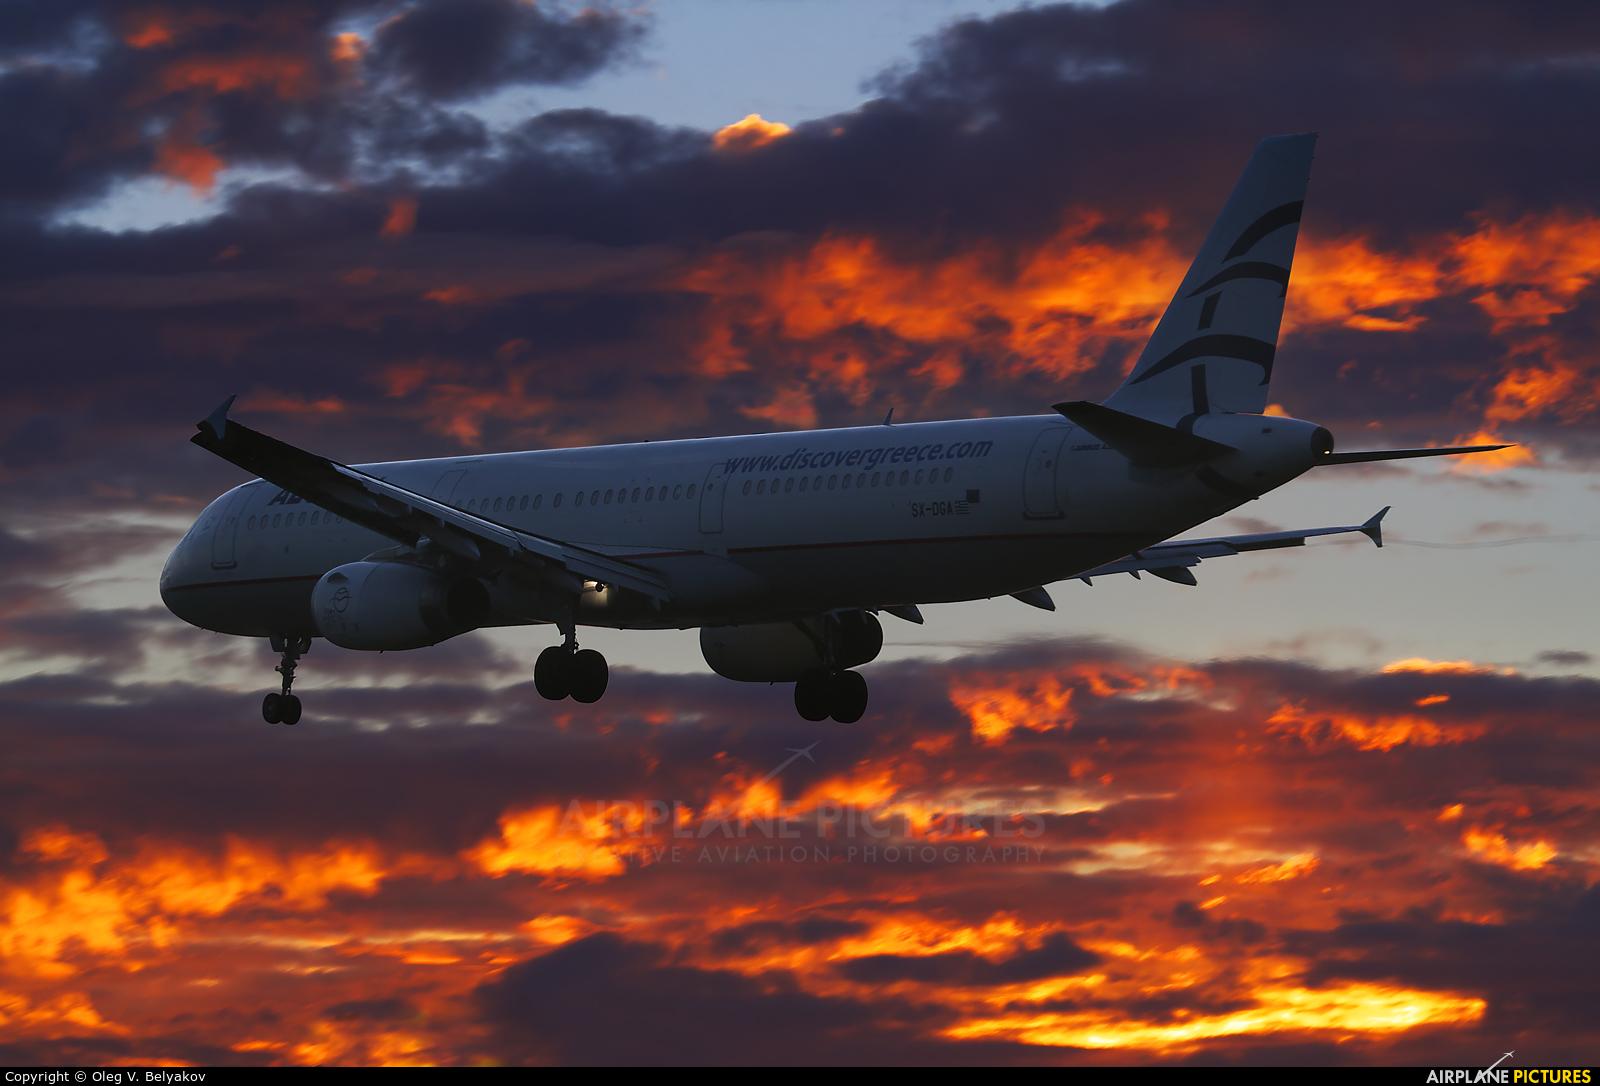 Aegean Airlines SX-DGA aircraft at London - Heathrow